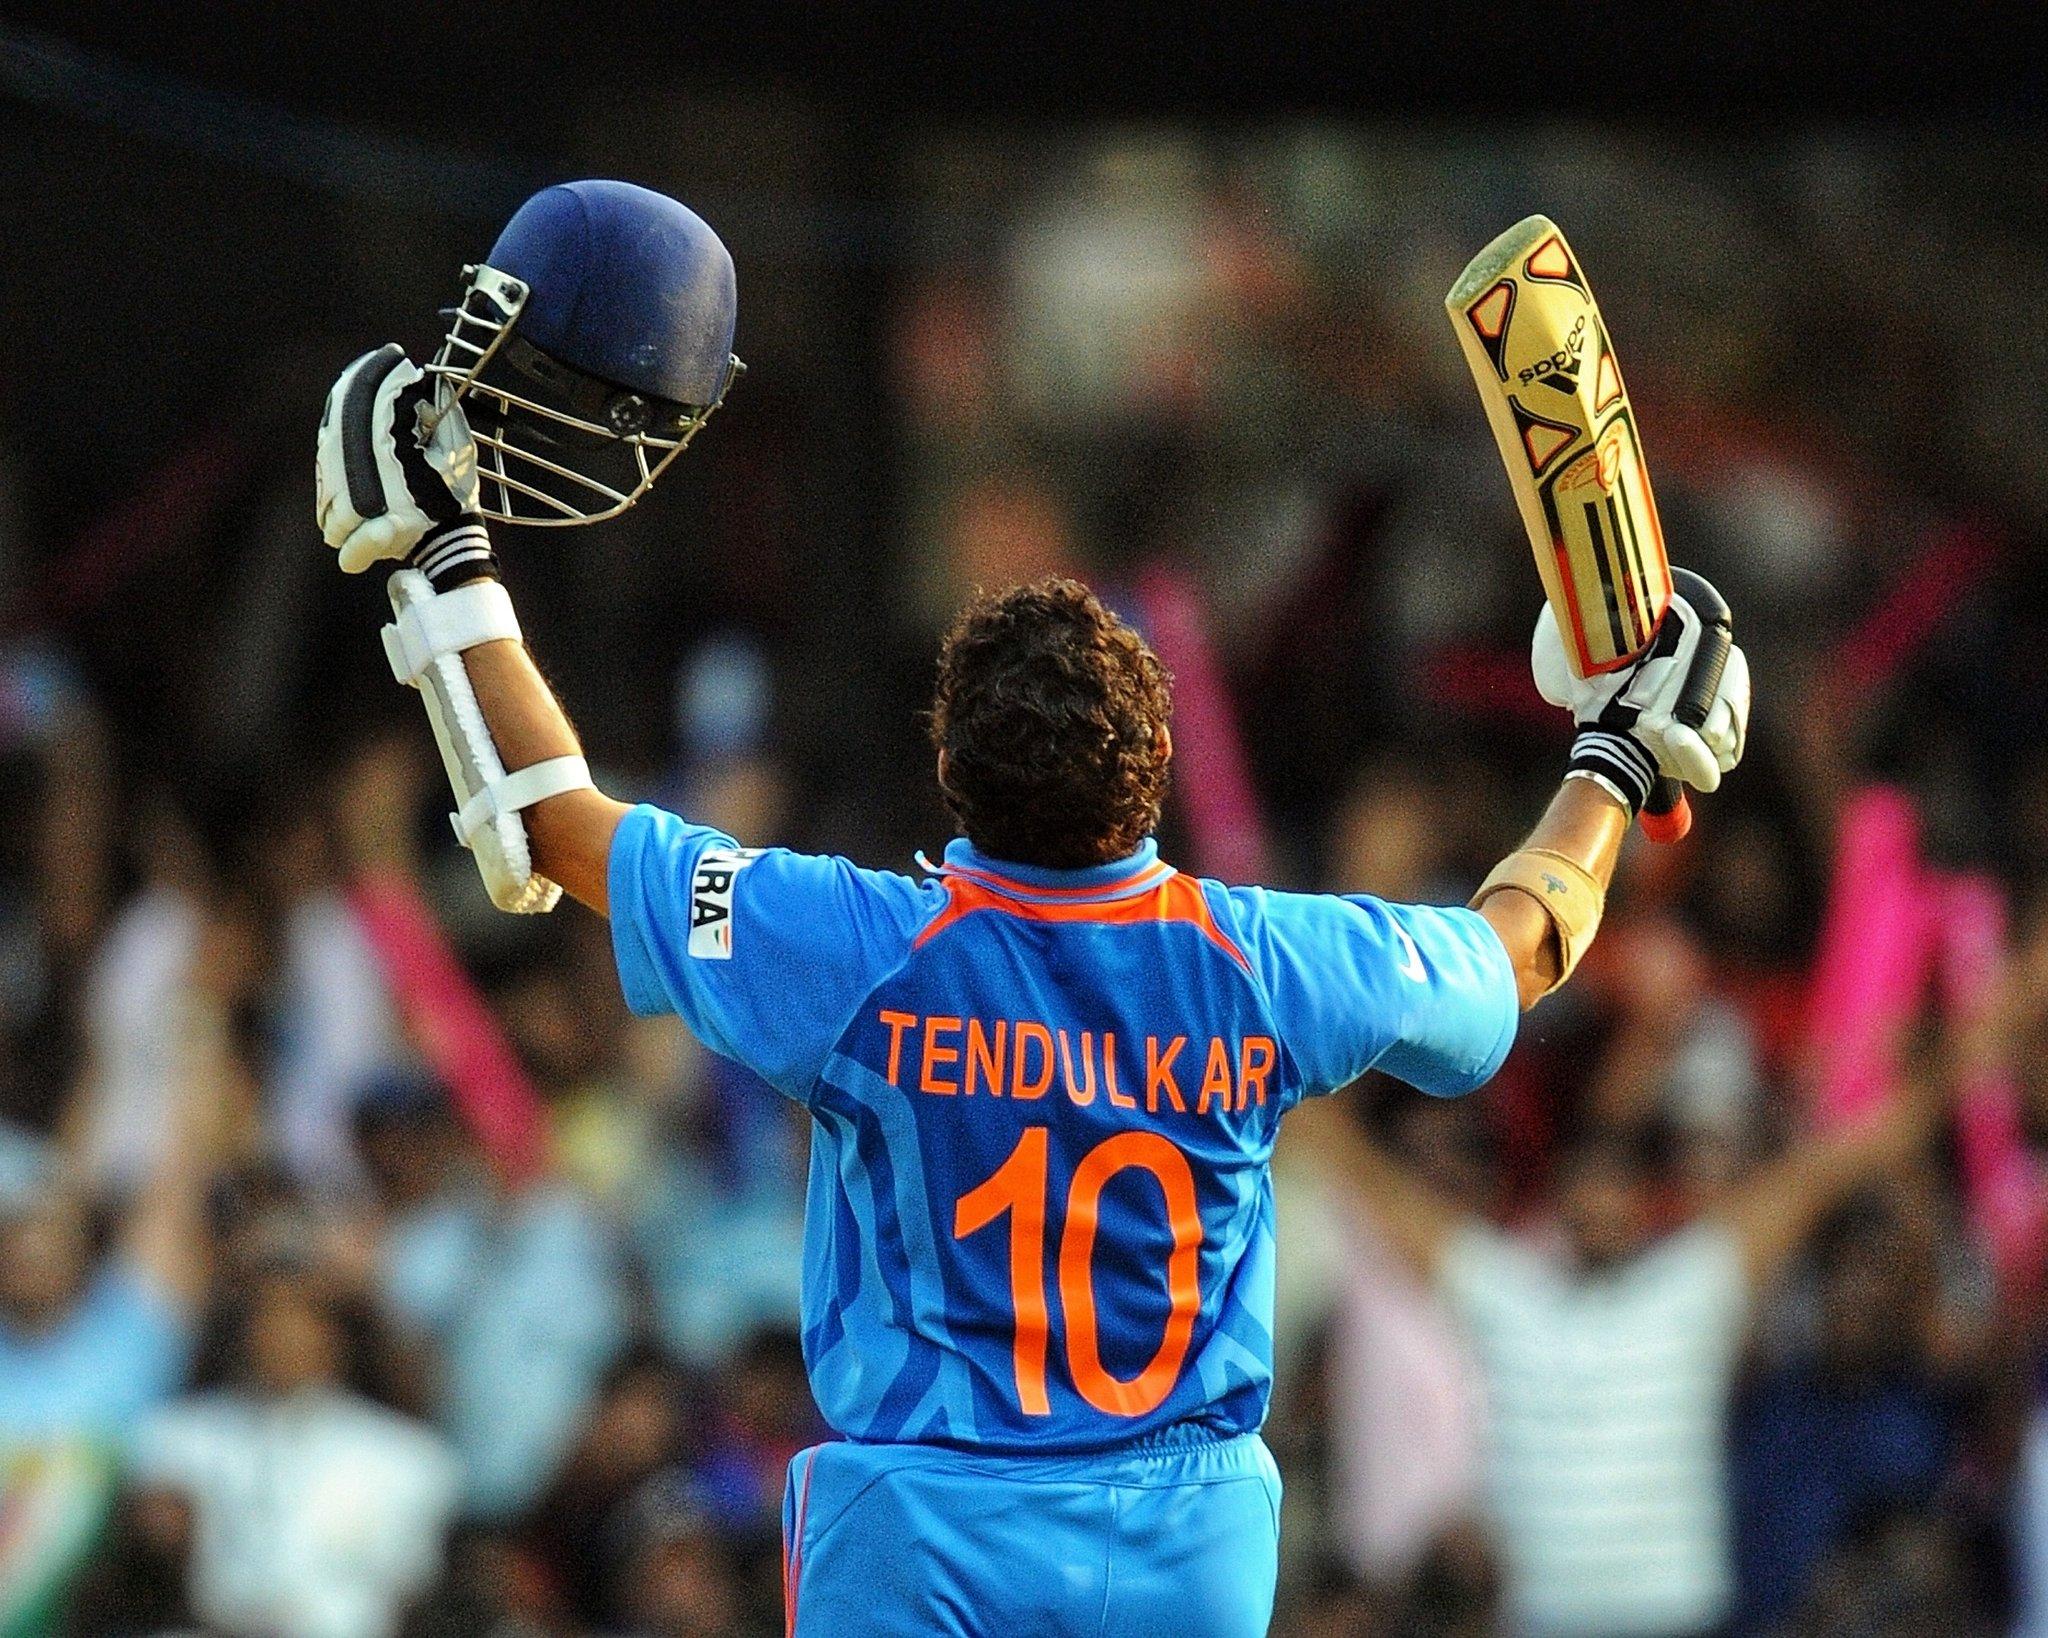 हैप्पी बर्थ डे: 48 साल के हुए क्रिकेट के भगवान, लोगों से सचिन तेंदुलकर ने की ये अपील